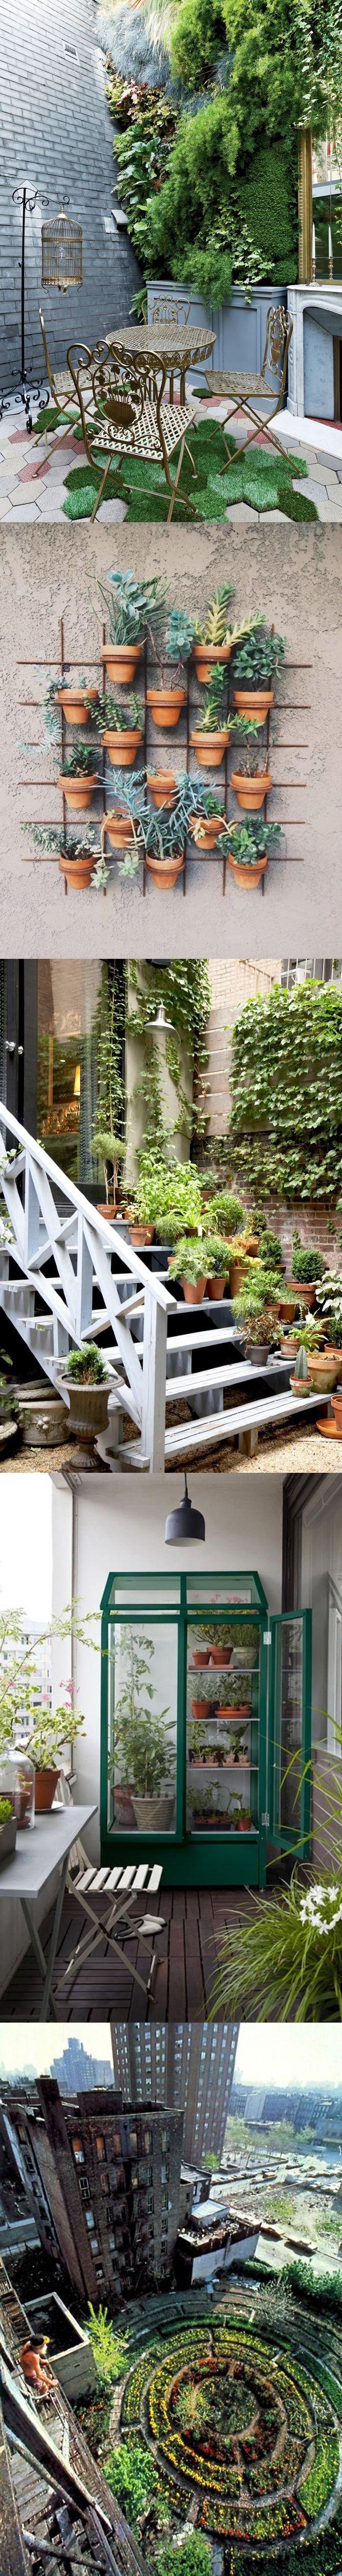 five beautiful things garten balkon pinterest garten garten ideen und vertikaler garten. Black Bedroom Furniture Sets. Home Design Ideas